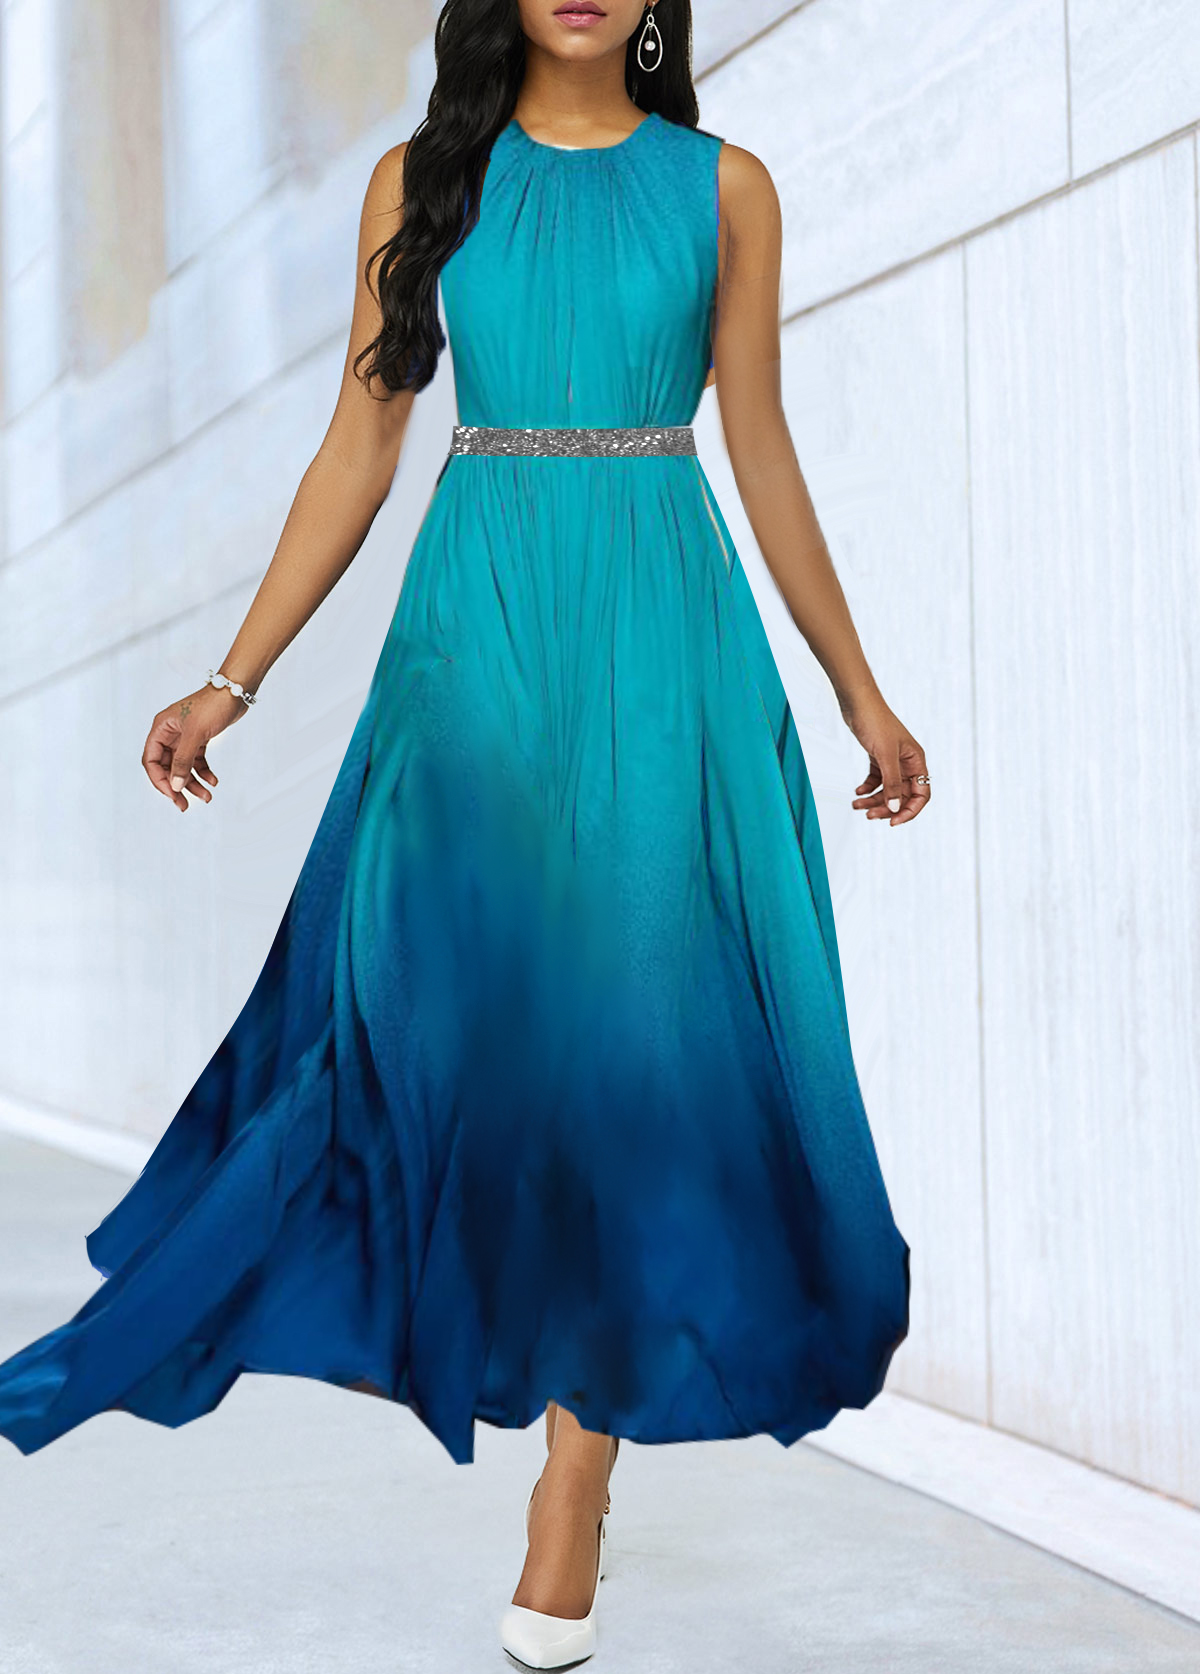 Sleeveless Sequin Panel Blue Gradient High Waist Dress